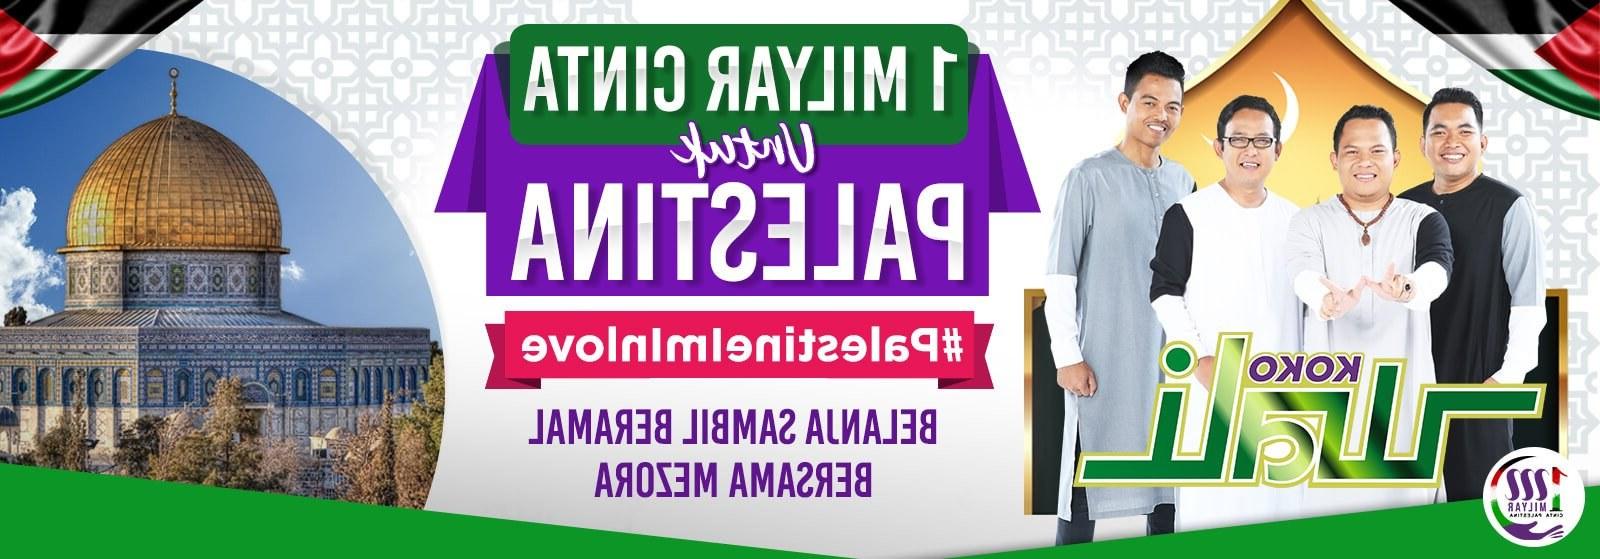 Design Cara Membuat Gaun Pengantin Muslim Y7du Dress Busana Muslim Gamis Koko Dan Hijab Mezora